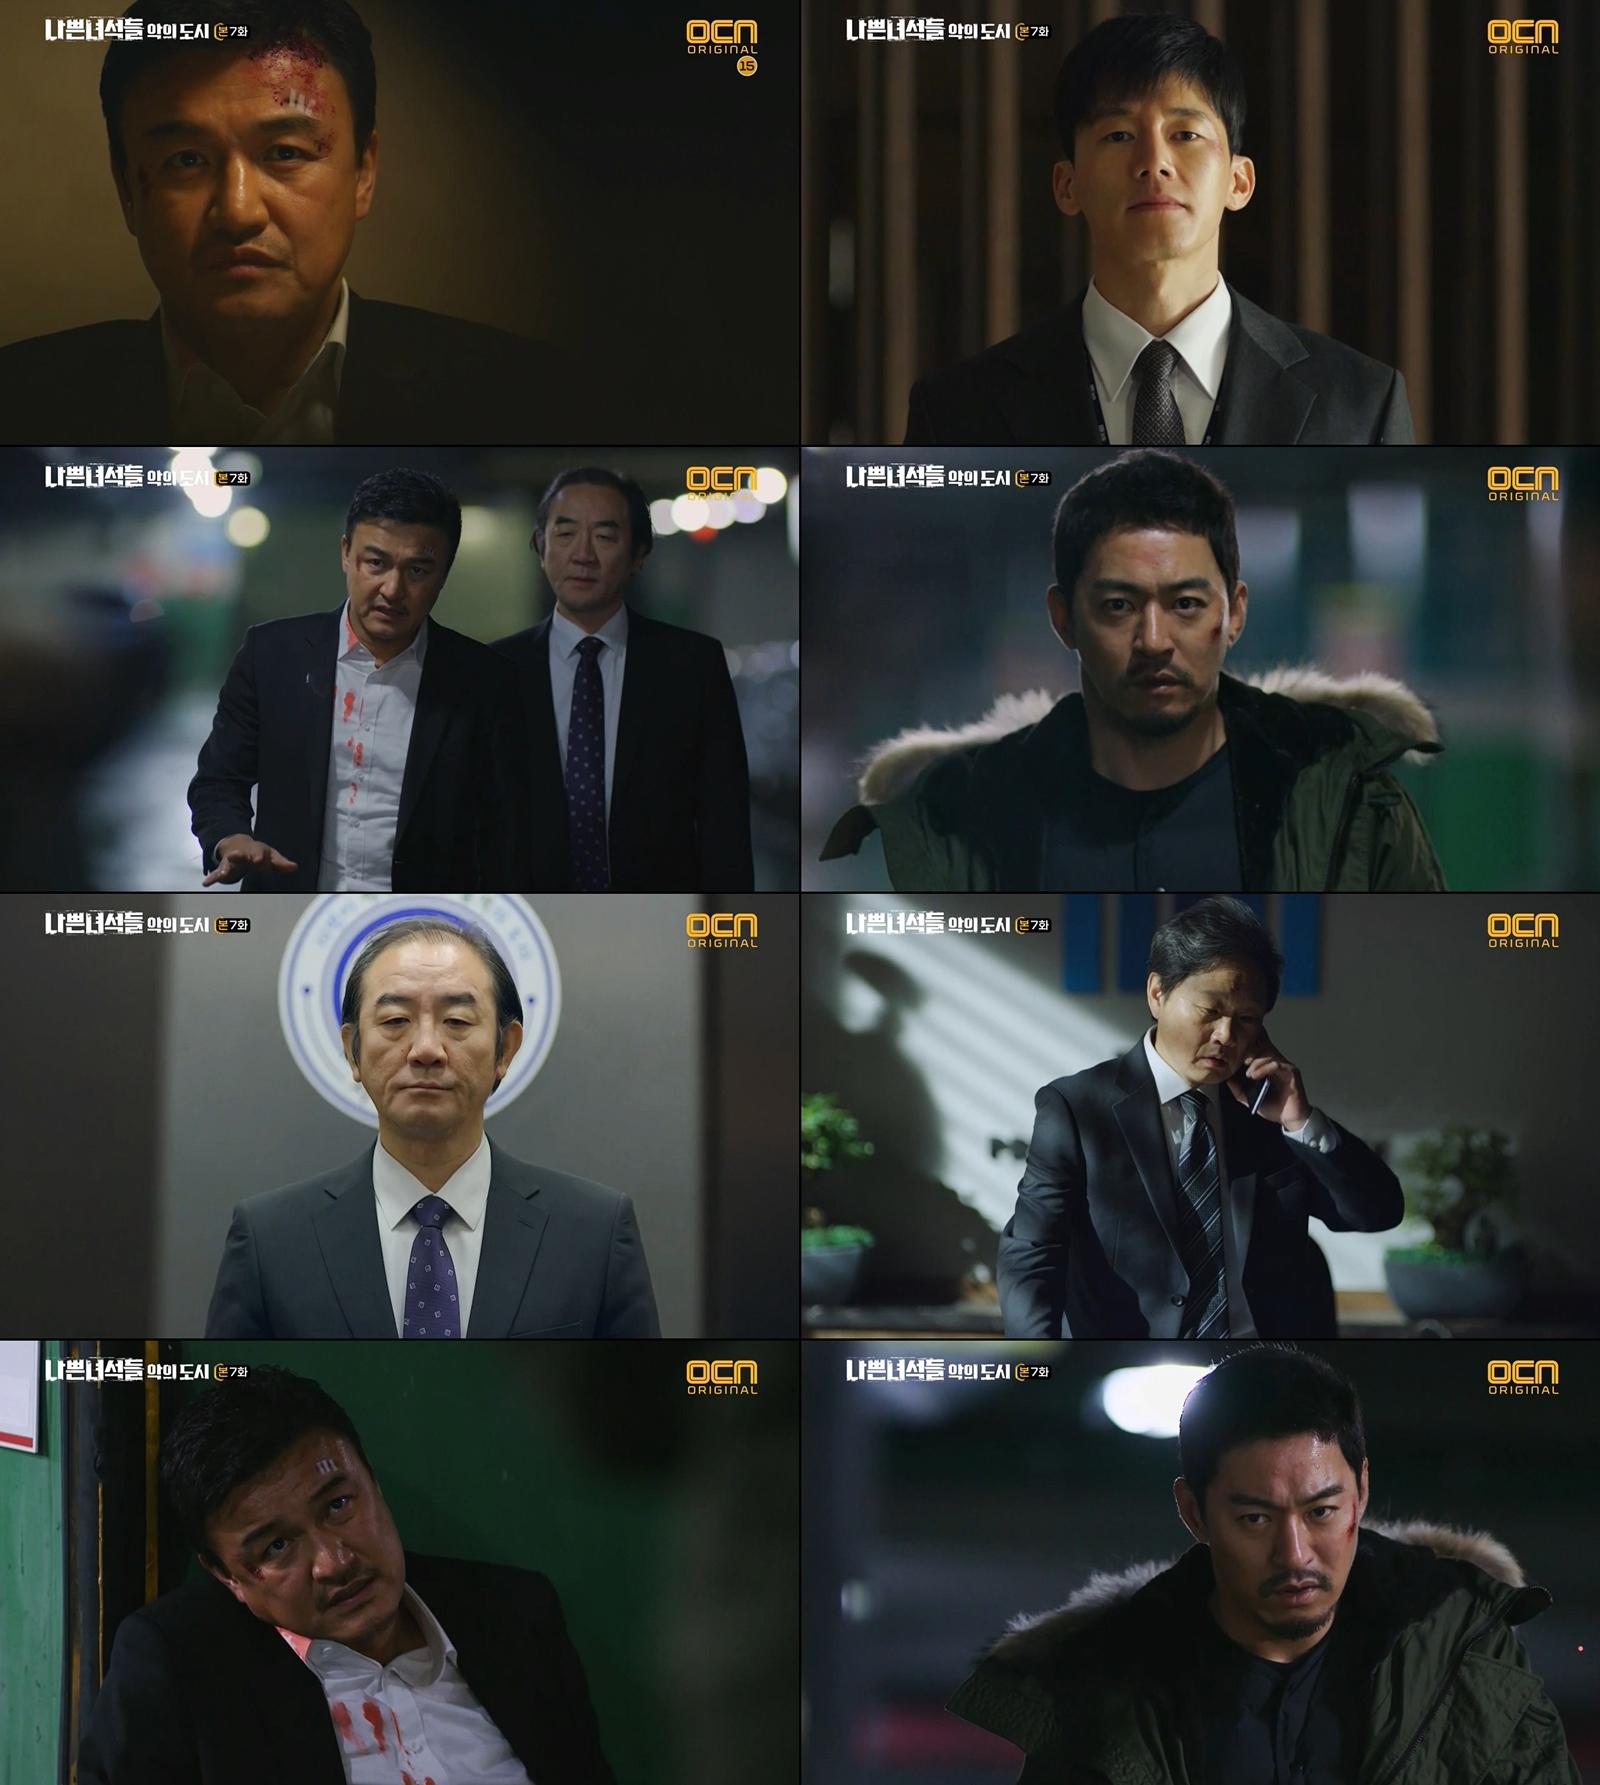 <나쁜녀석들2> 박중훈과 등진 주진모-양익준, '나쁜녀석들'의 앞날은?